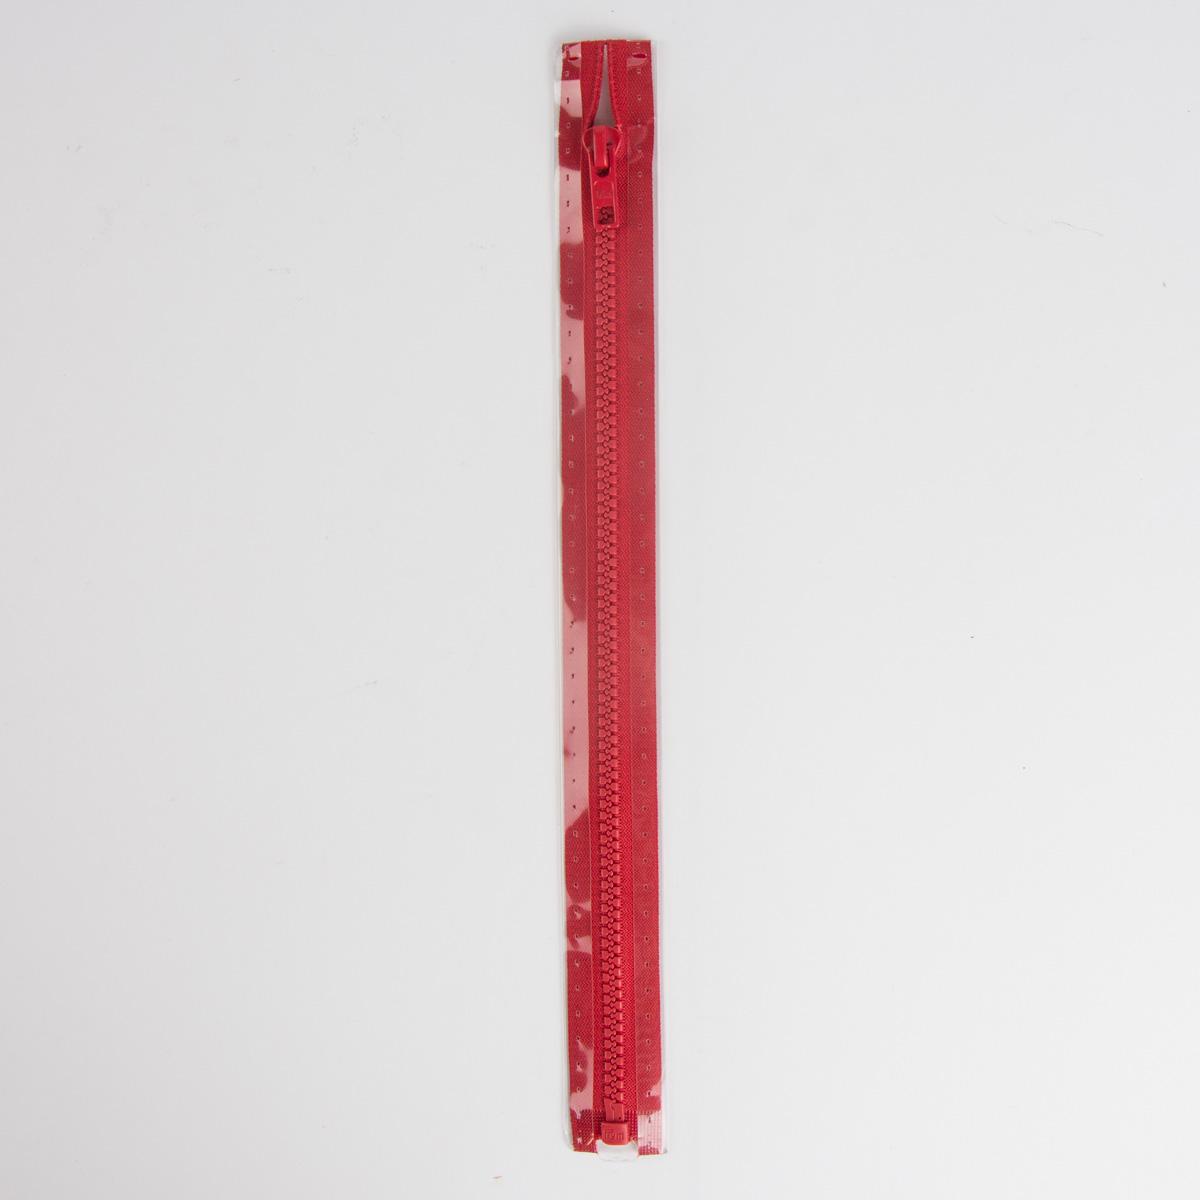 Reißverschluss S4 Profil tb 75 cm Fla rot